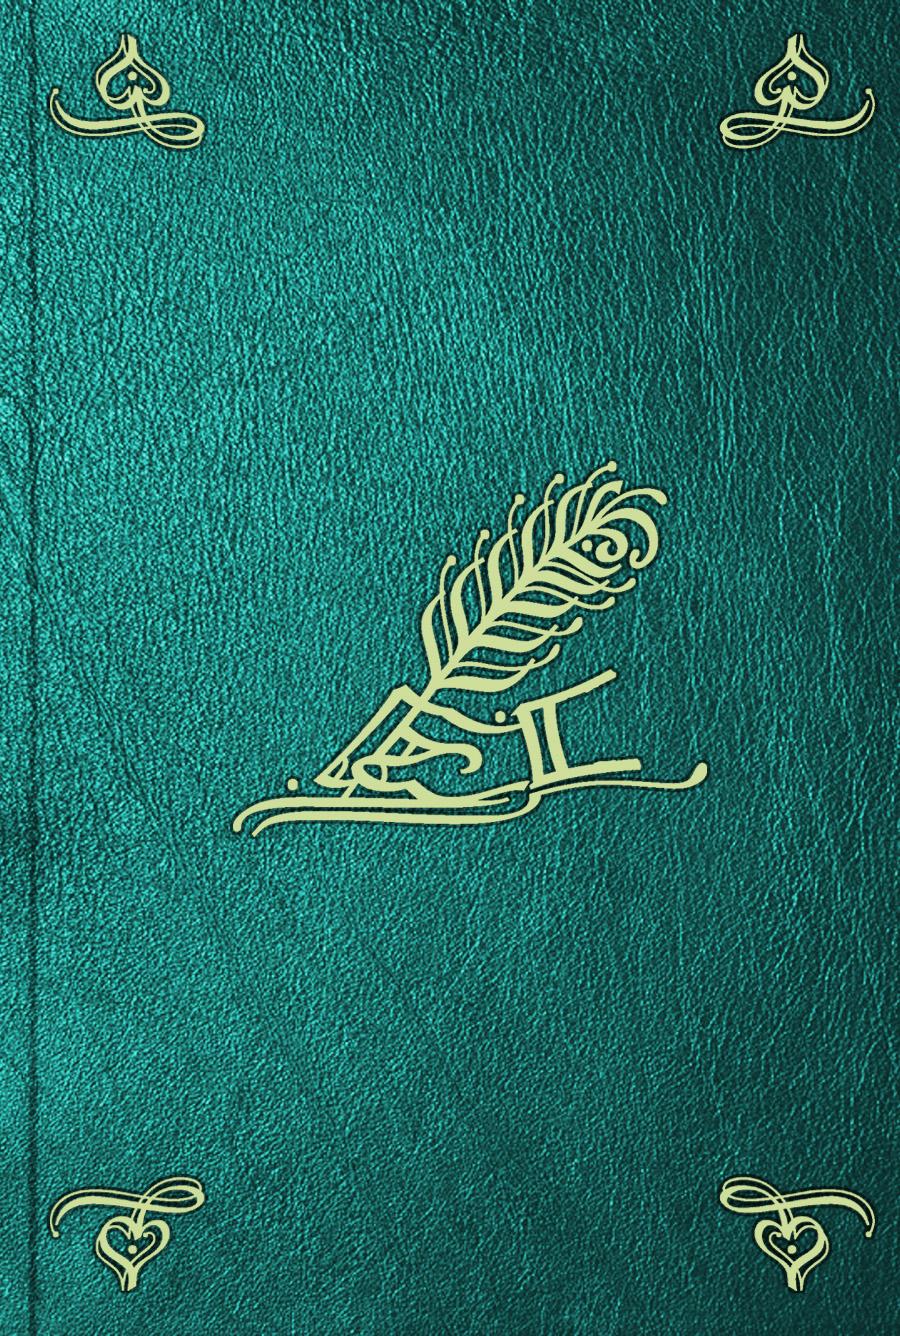 Comte de Buffon Georges Louis Leclerc Histoire naturelle. T. 13. Oiseaux comte de buffon georges louis leclerc histoire naturelle t 6 oiseaux